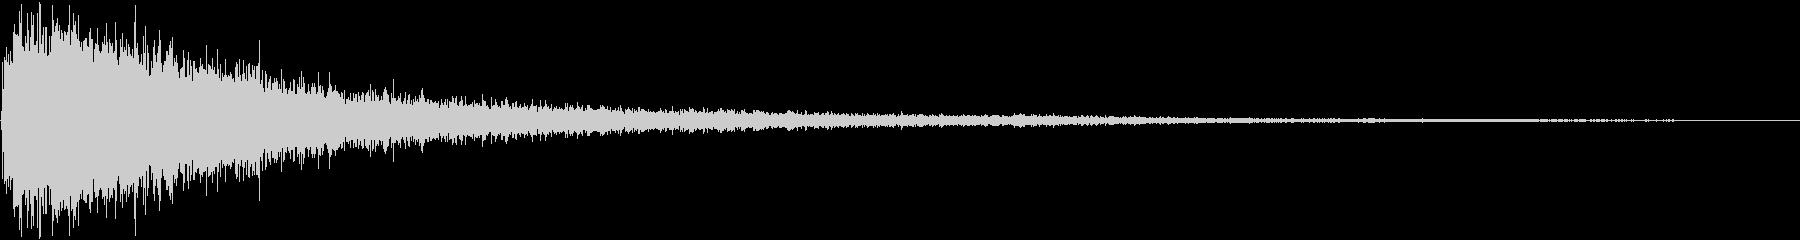 バァーン! 銅鑼の音の未再生の波形